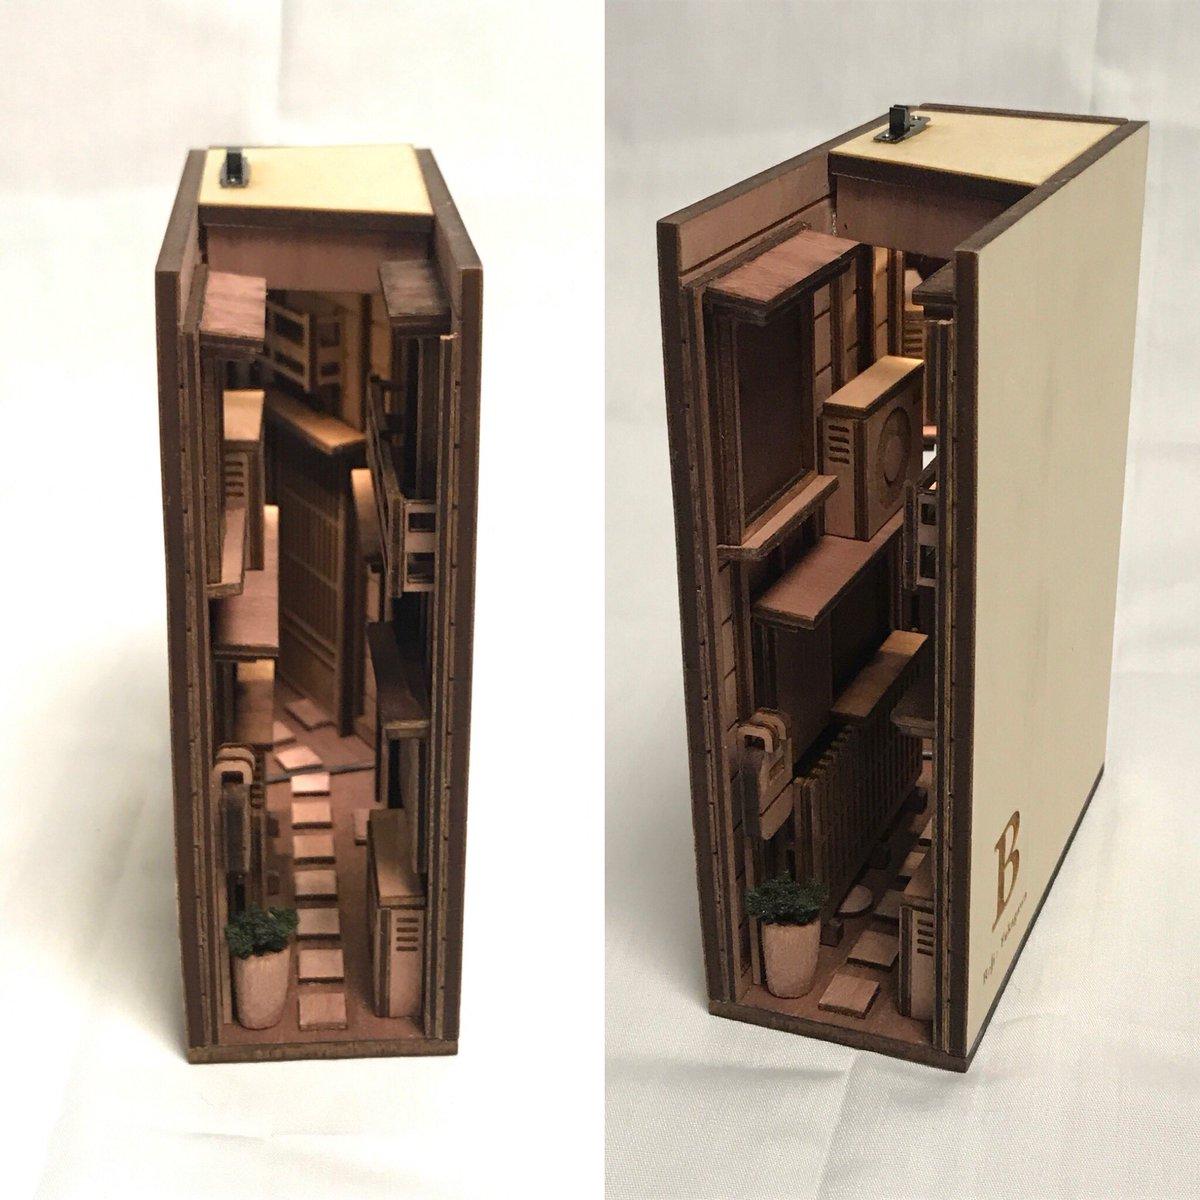 路地裏bookshelf 文庫本サイズ を作りました。 両面を開くことはできませんが小さくて可愛らしいです。 電源スイッチを表面につけました。  制作2018年 材質 木  #design #art #bookend #路地裏 #文庫